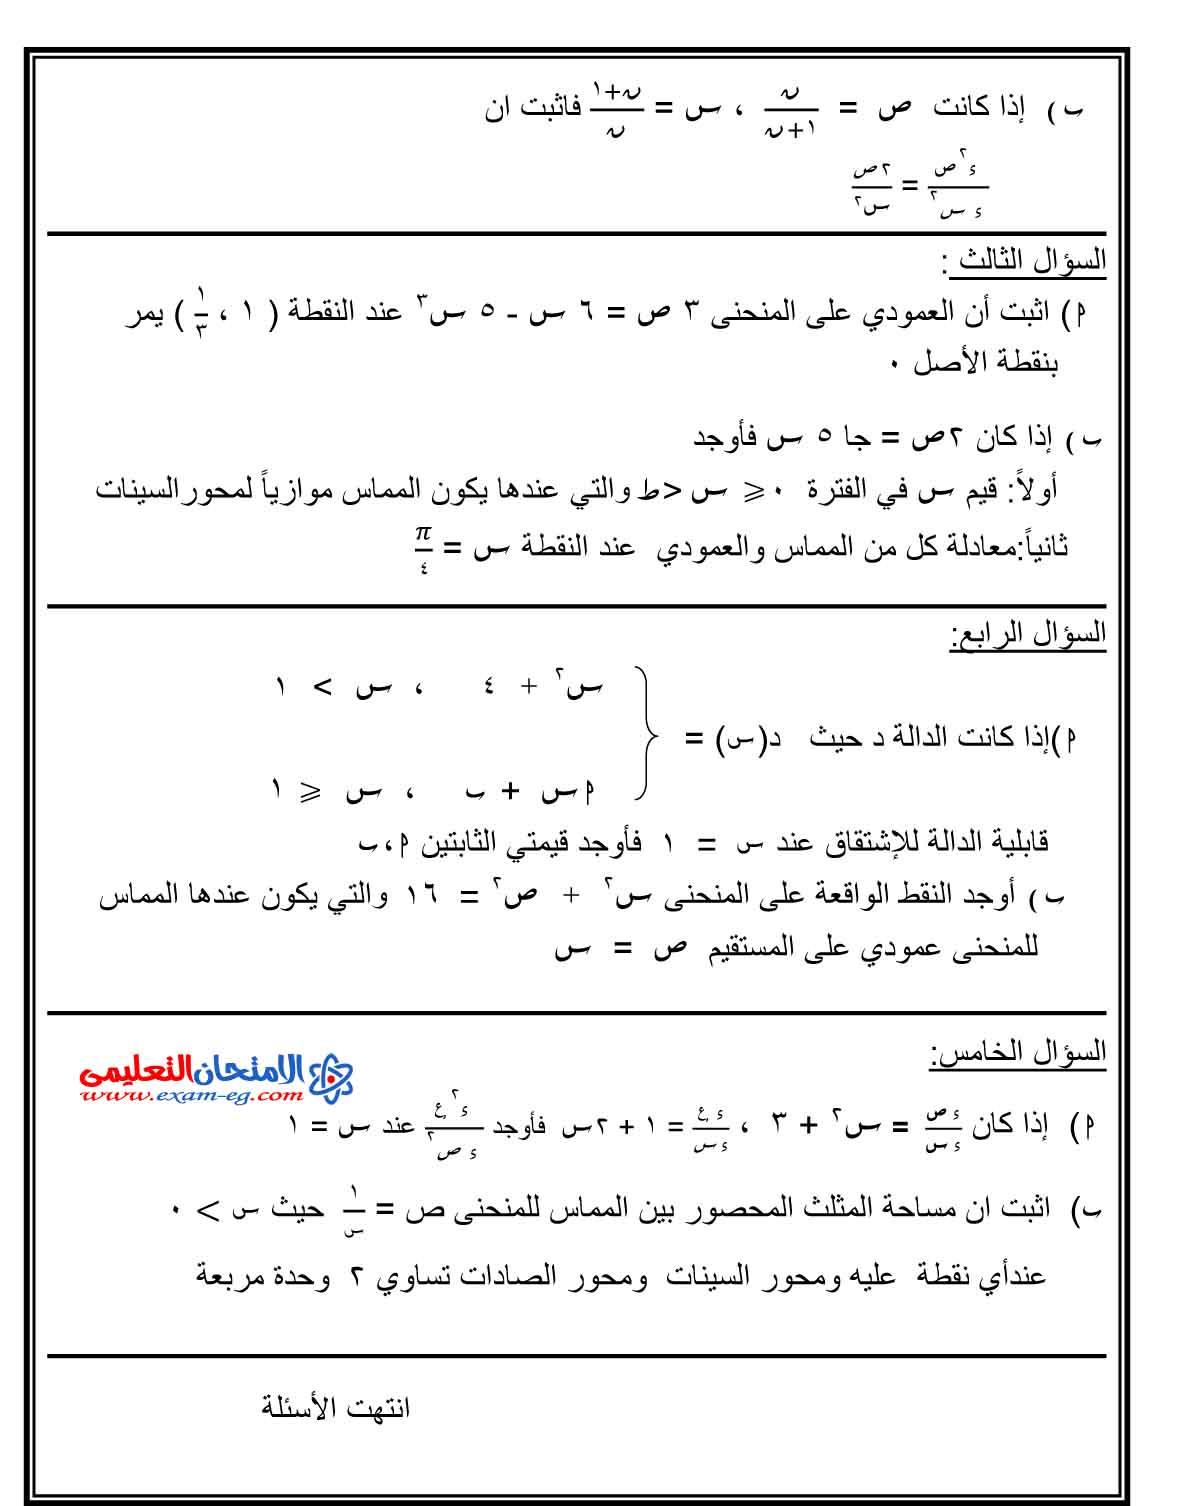 تفاضل وتكامل 2 - الامتحان التعليمى-2